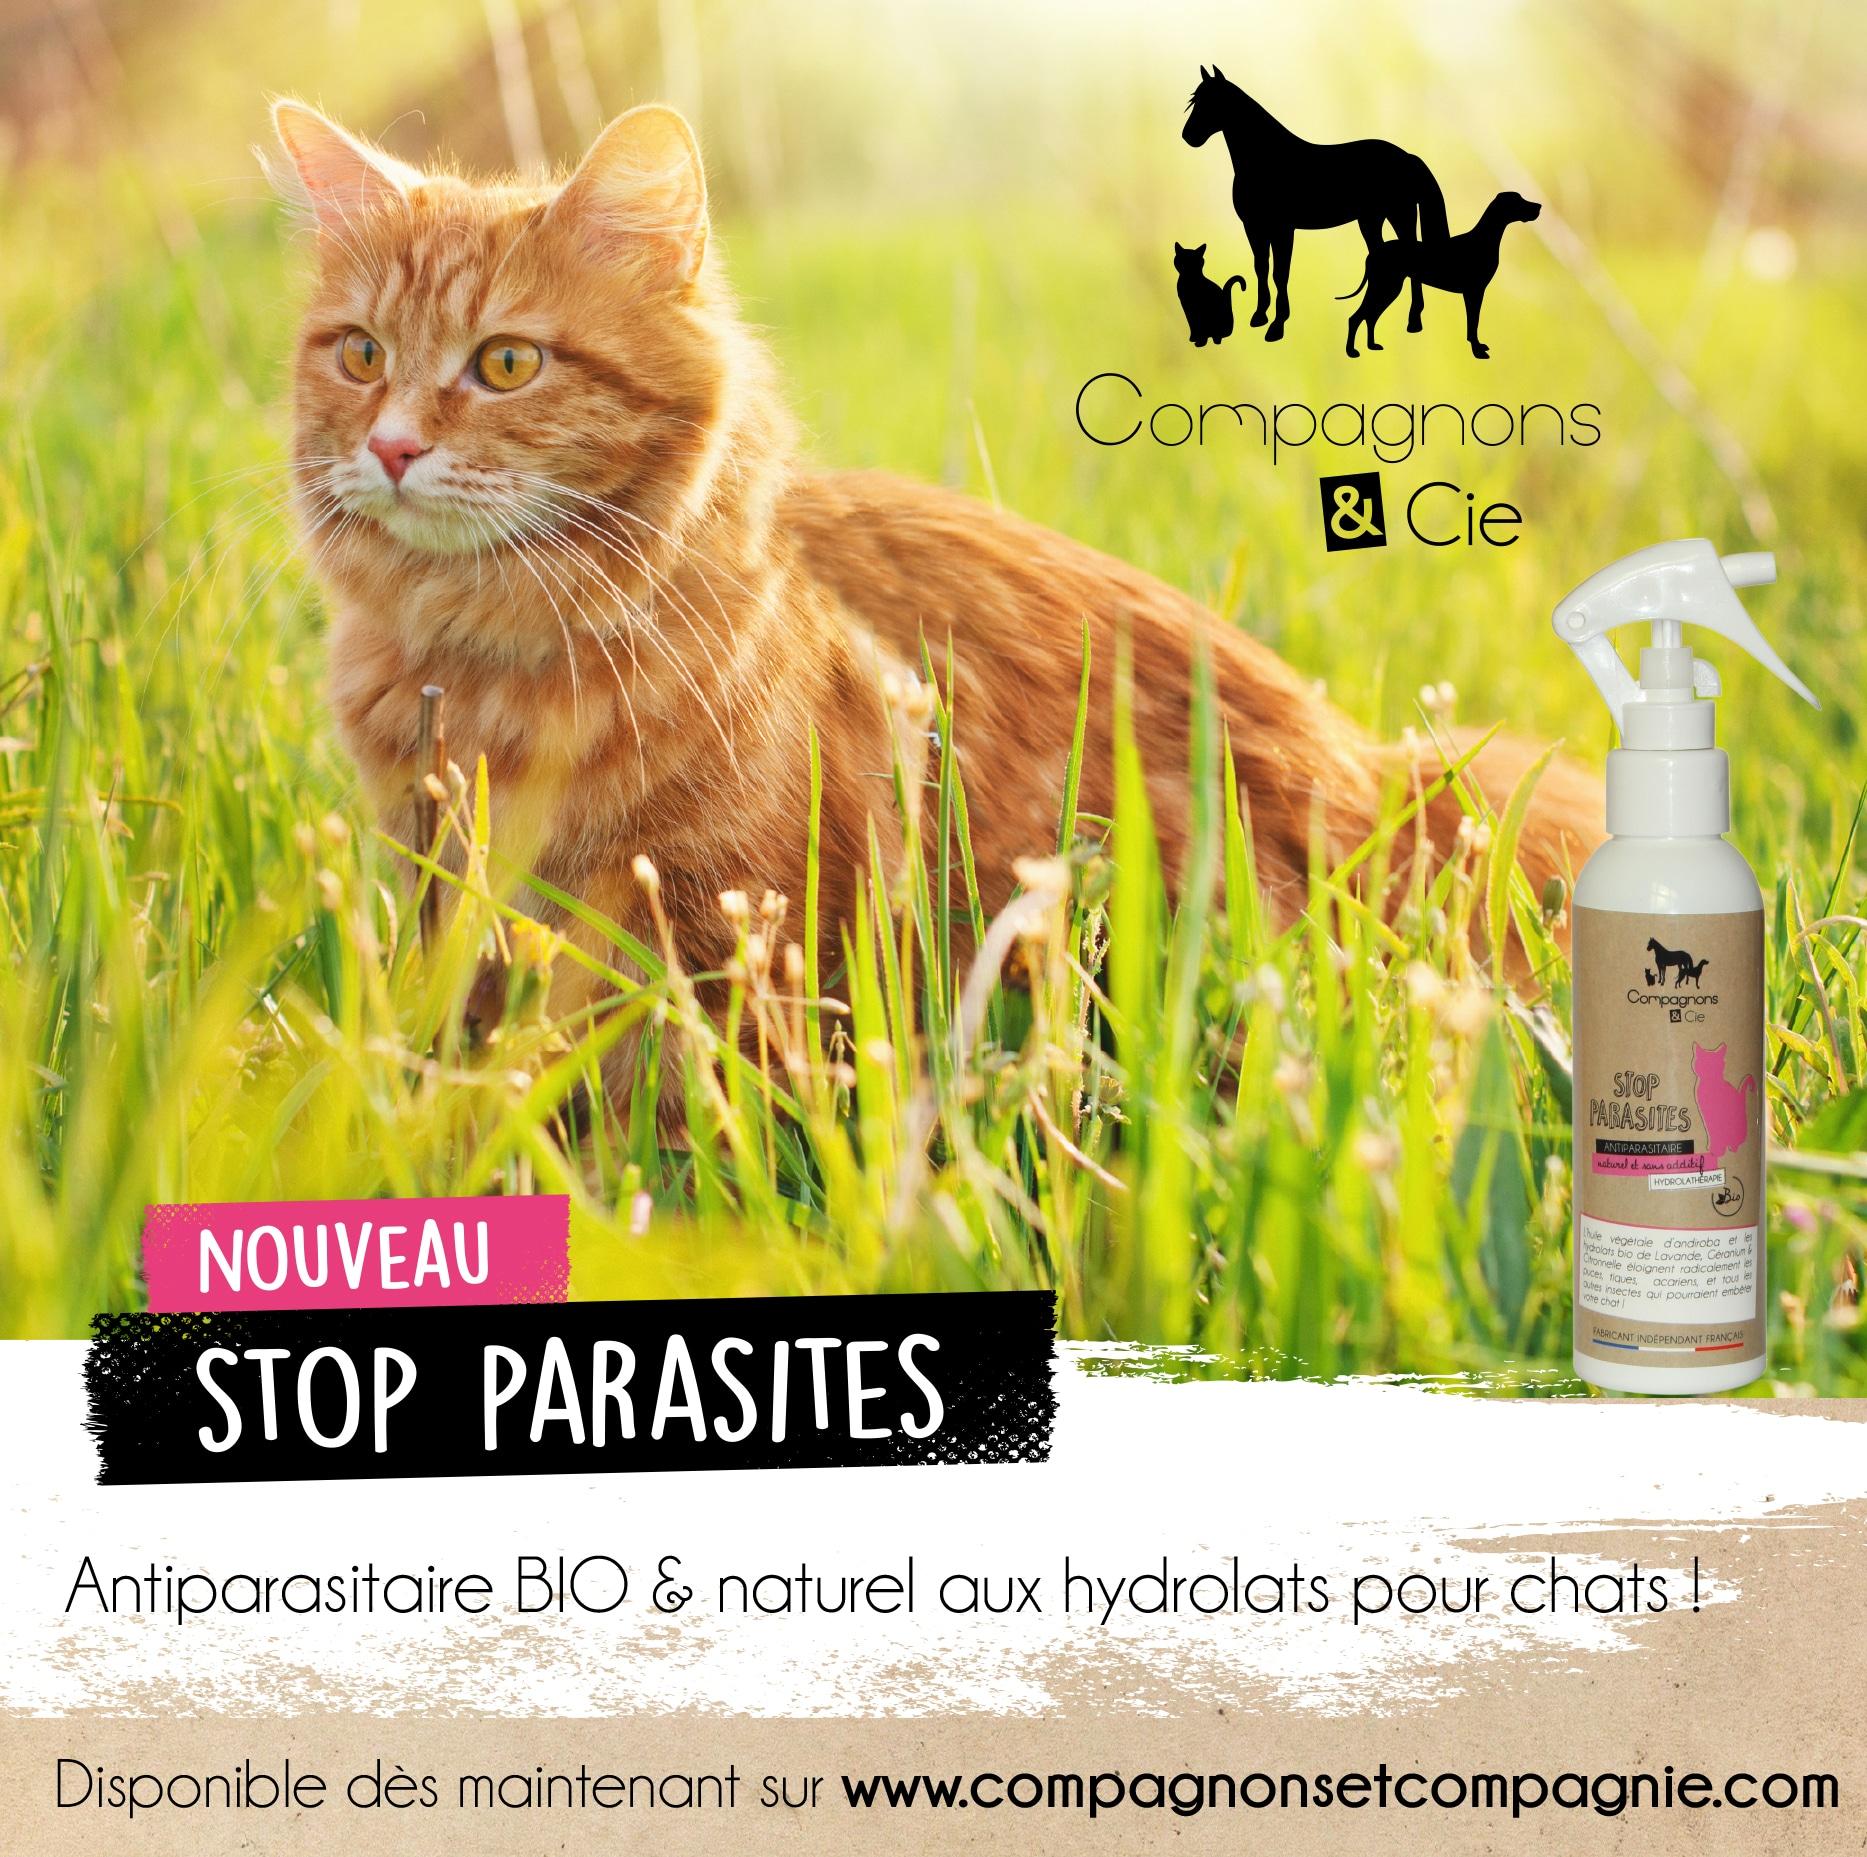 Compagnonscie_CHAT_stop-parasites_antiparasitaire-bio-naturel-pour-chats_soins-naturels-fabrication-francaise-pour-chat_sans-additif_-aux-hydrolats-bio soigner naturellement son chat